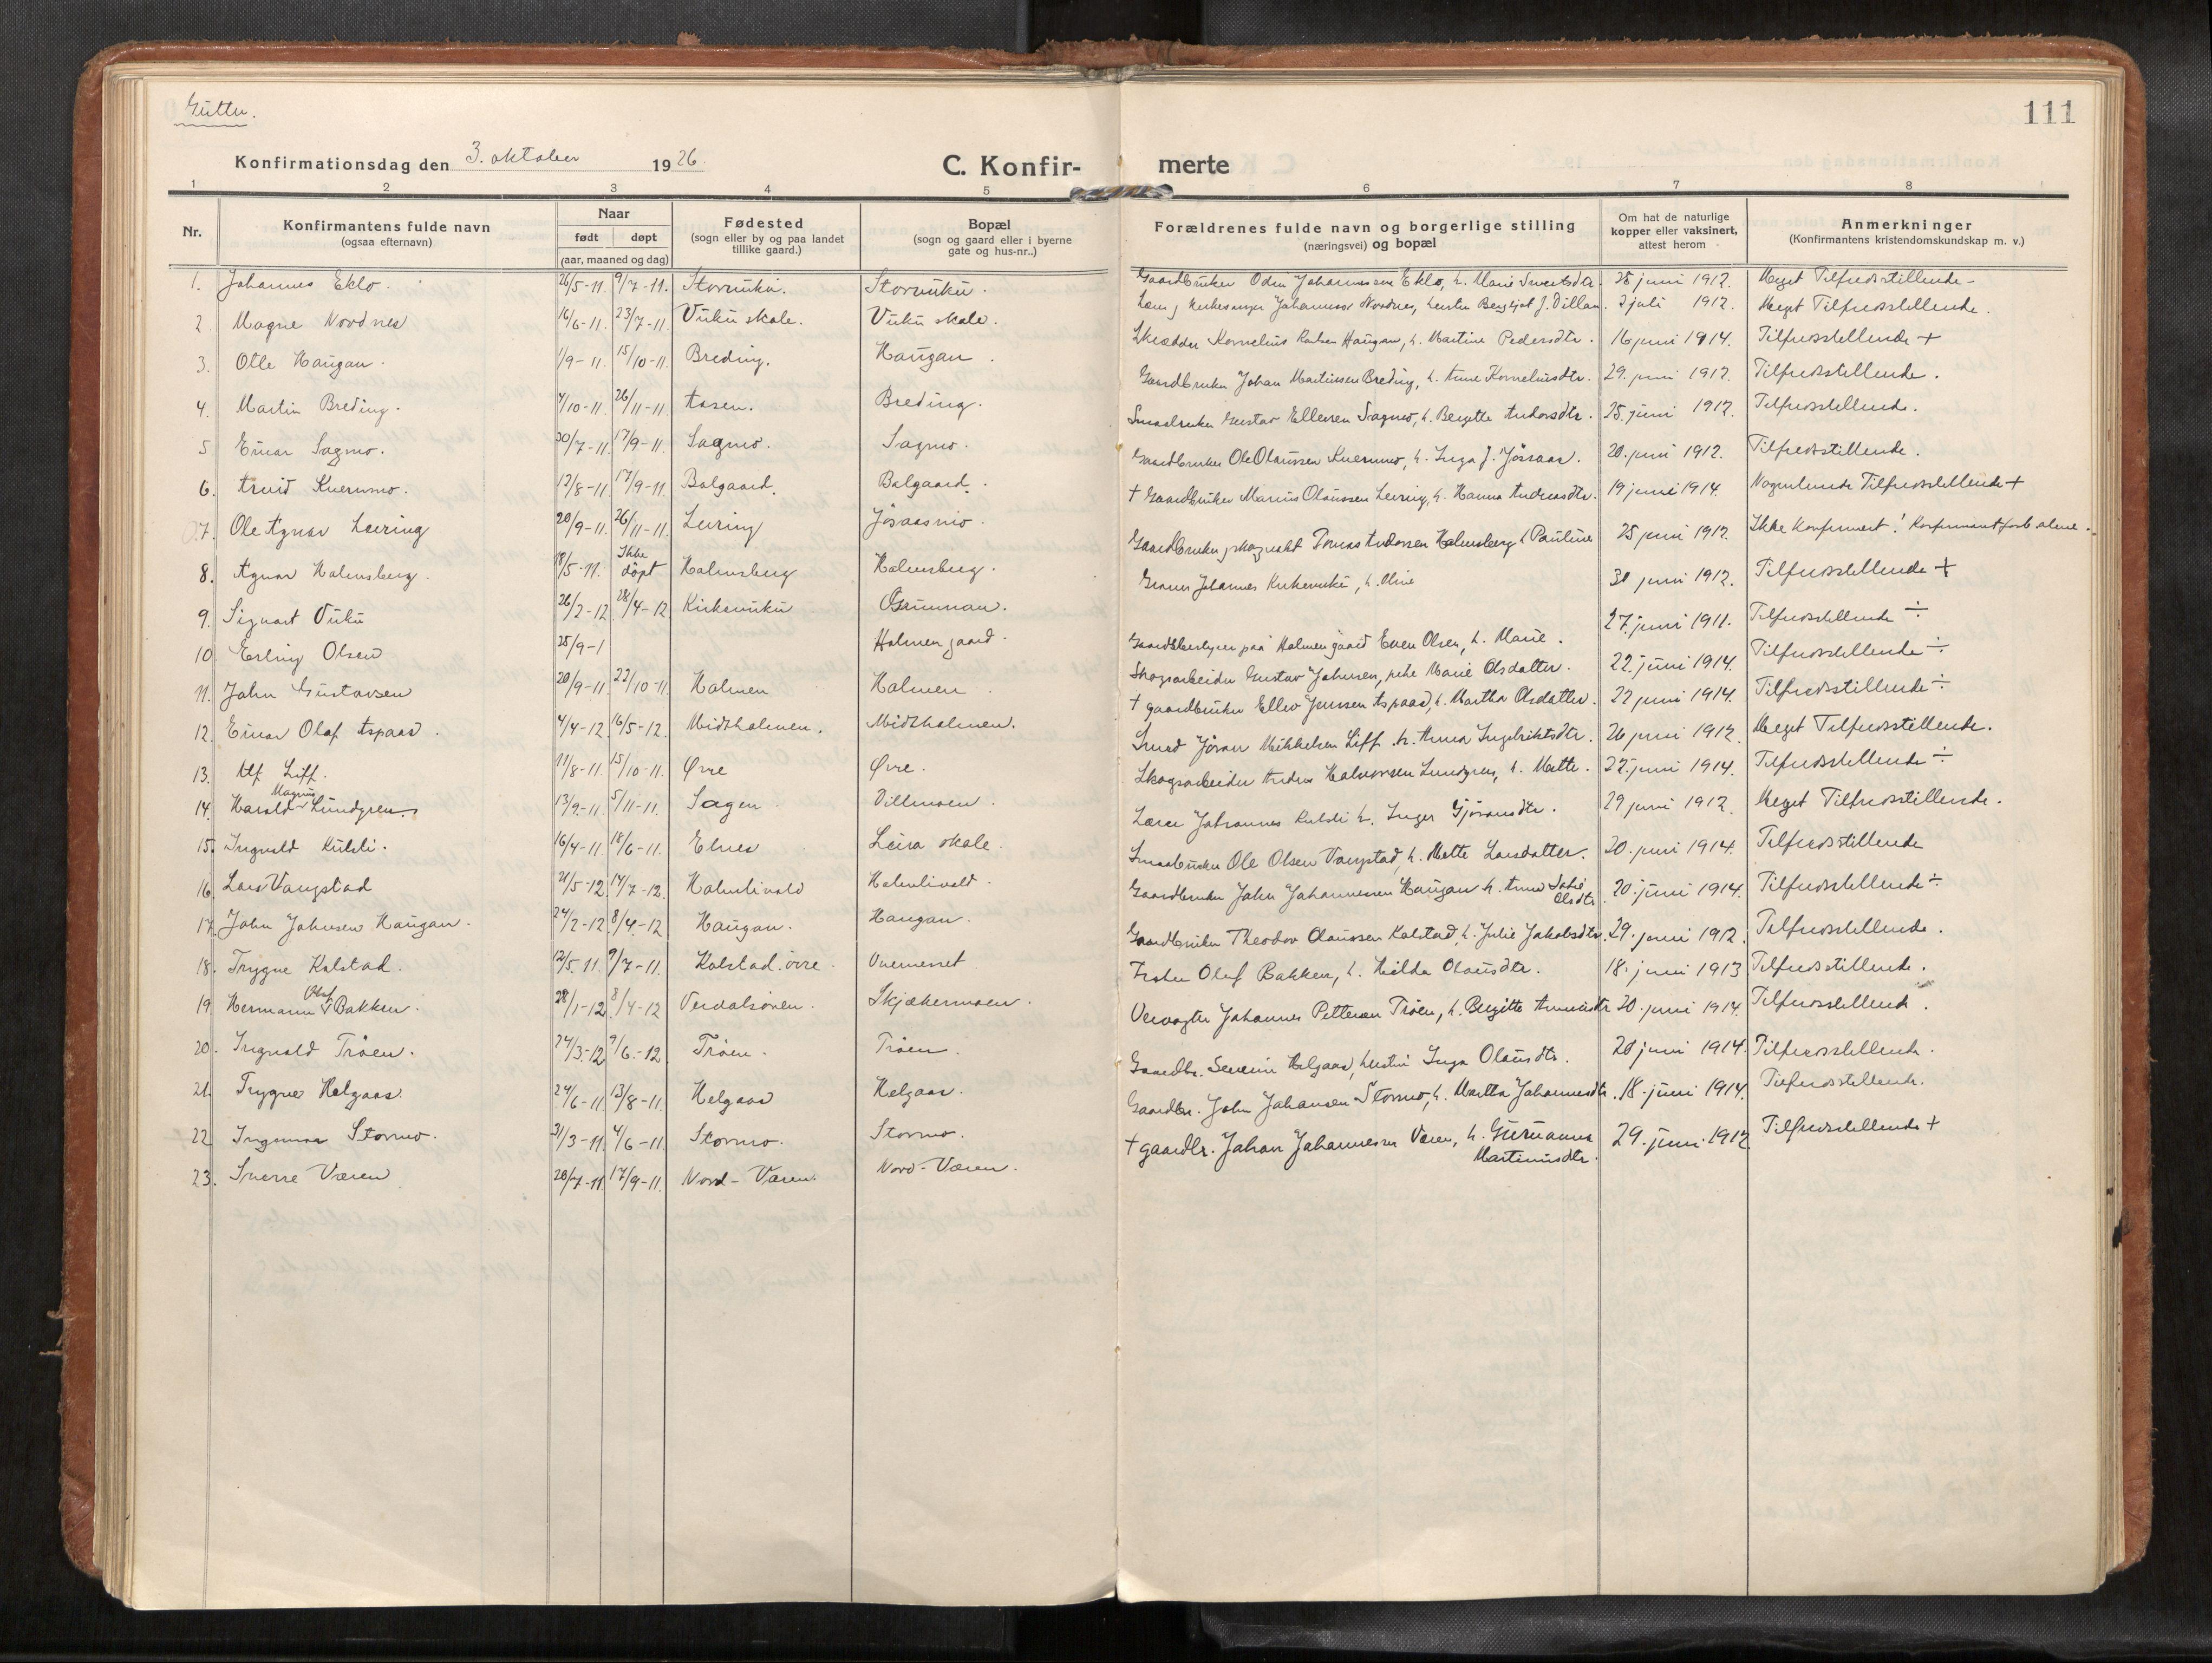 SAT, Verdal sokneprestkontor*, Parish register (official) no. 1, 1916-1928, p. 111